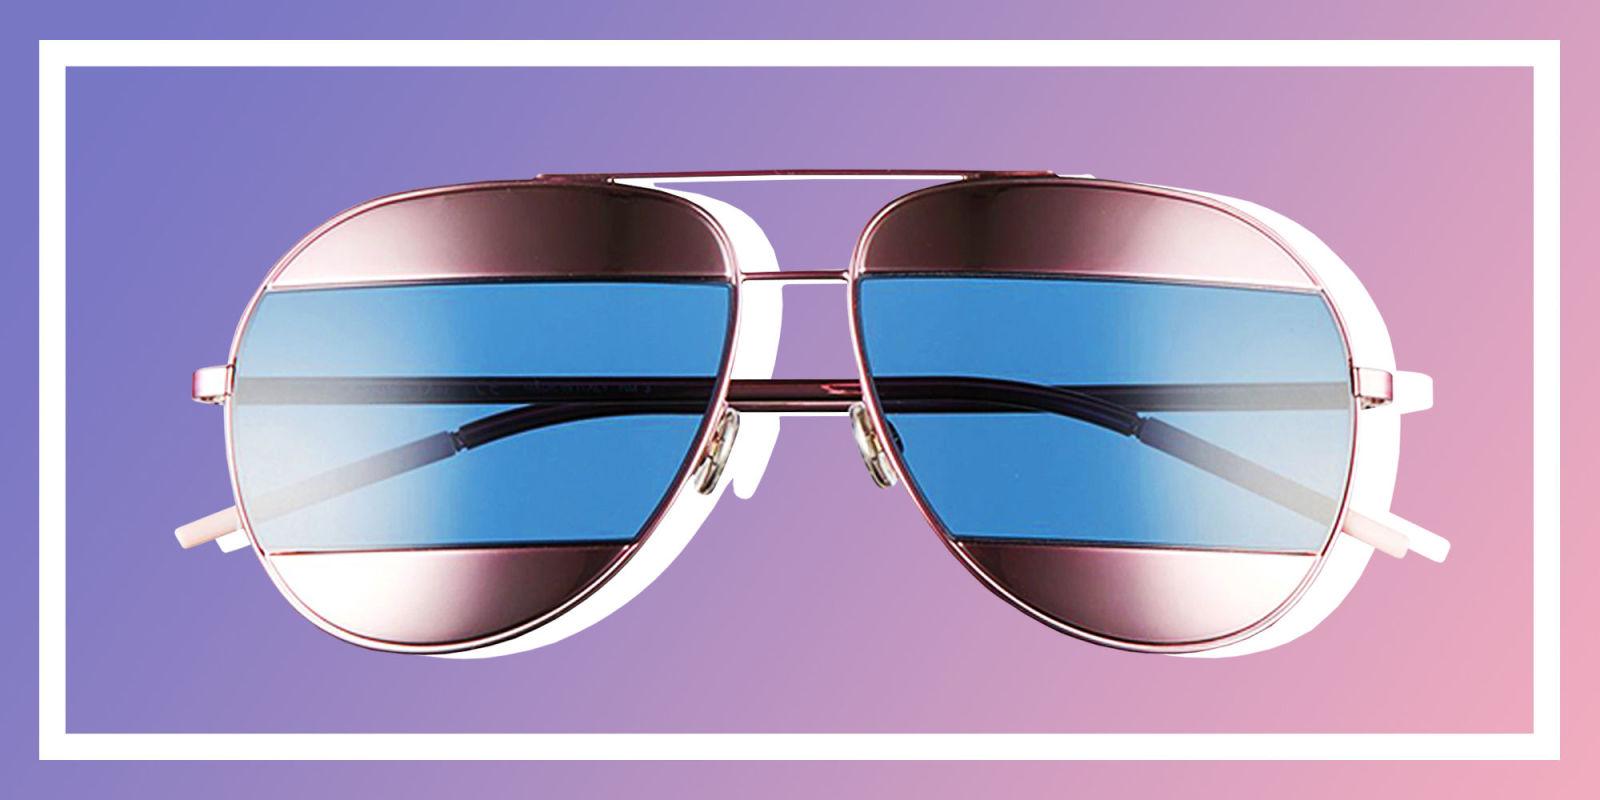 11 best quay sunglasses of 2018 - quay australia designer